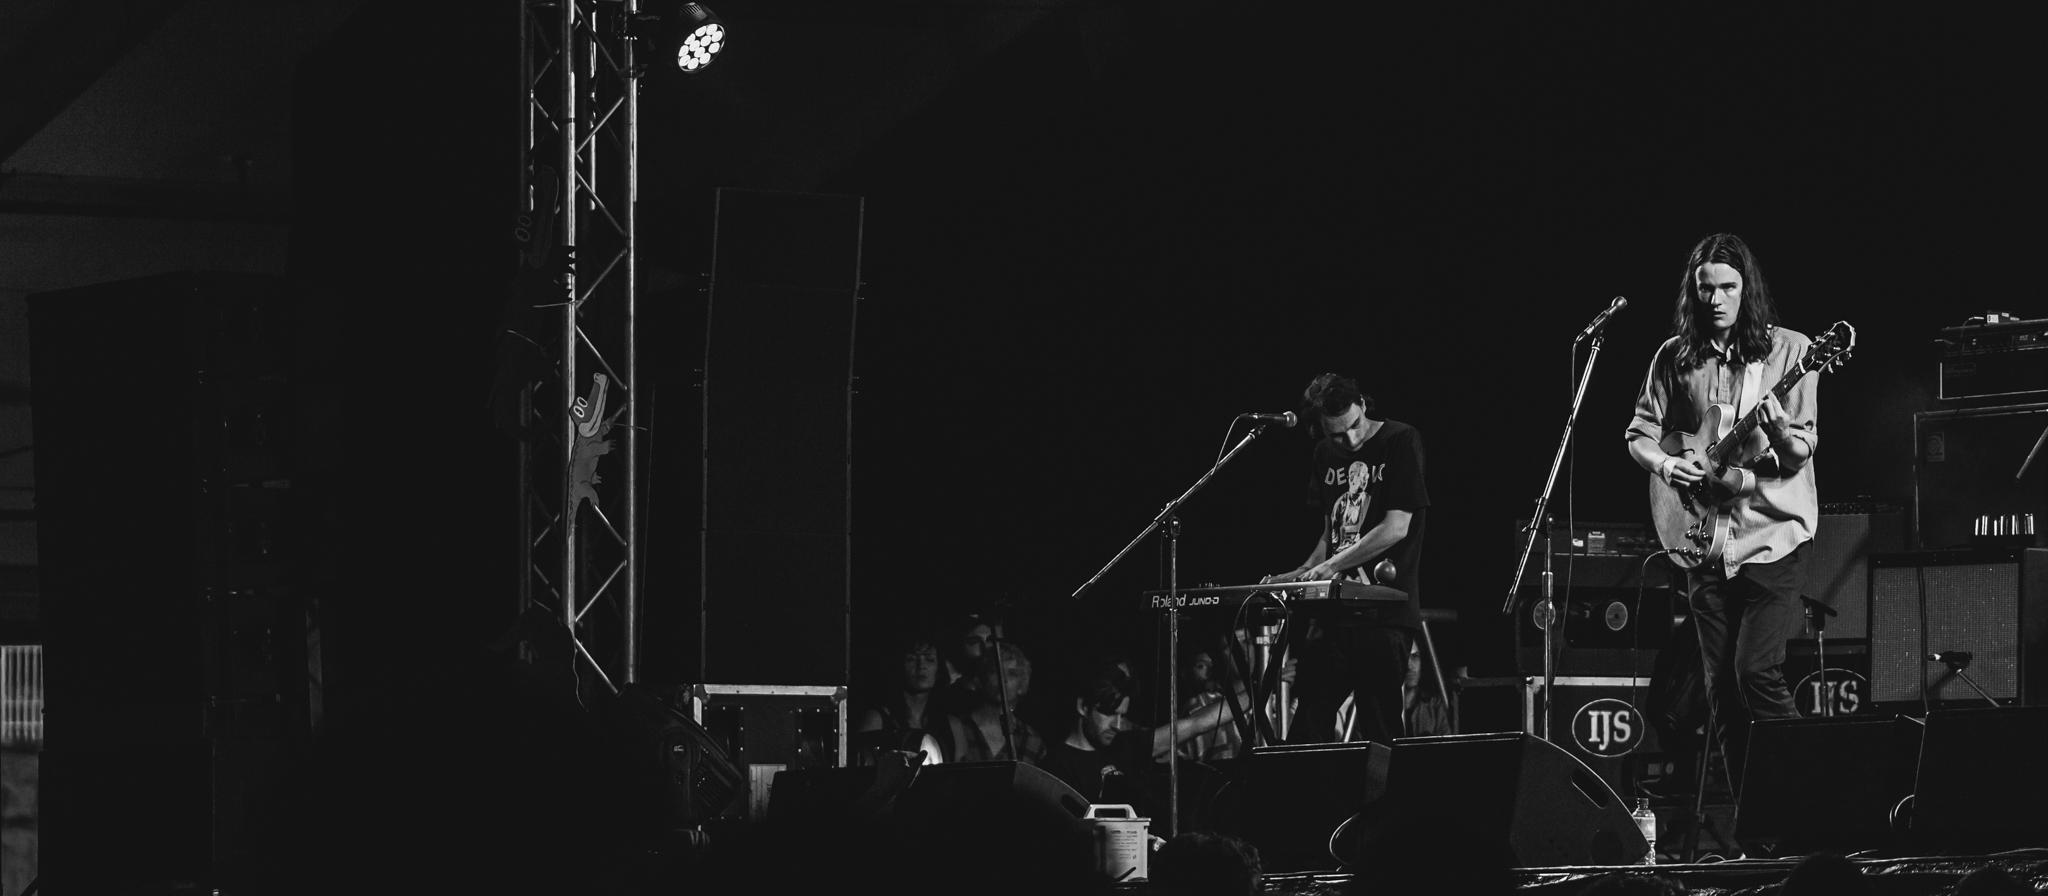 Mitch Lowe Photo - Gizzfest 2016 - The Murlocs-1823.jpg